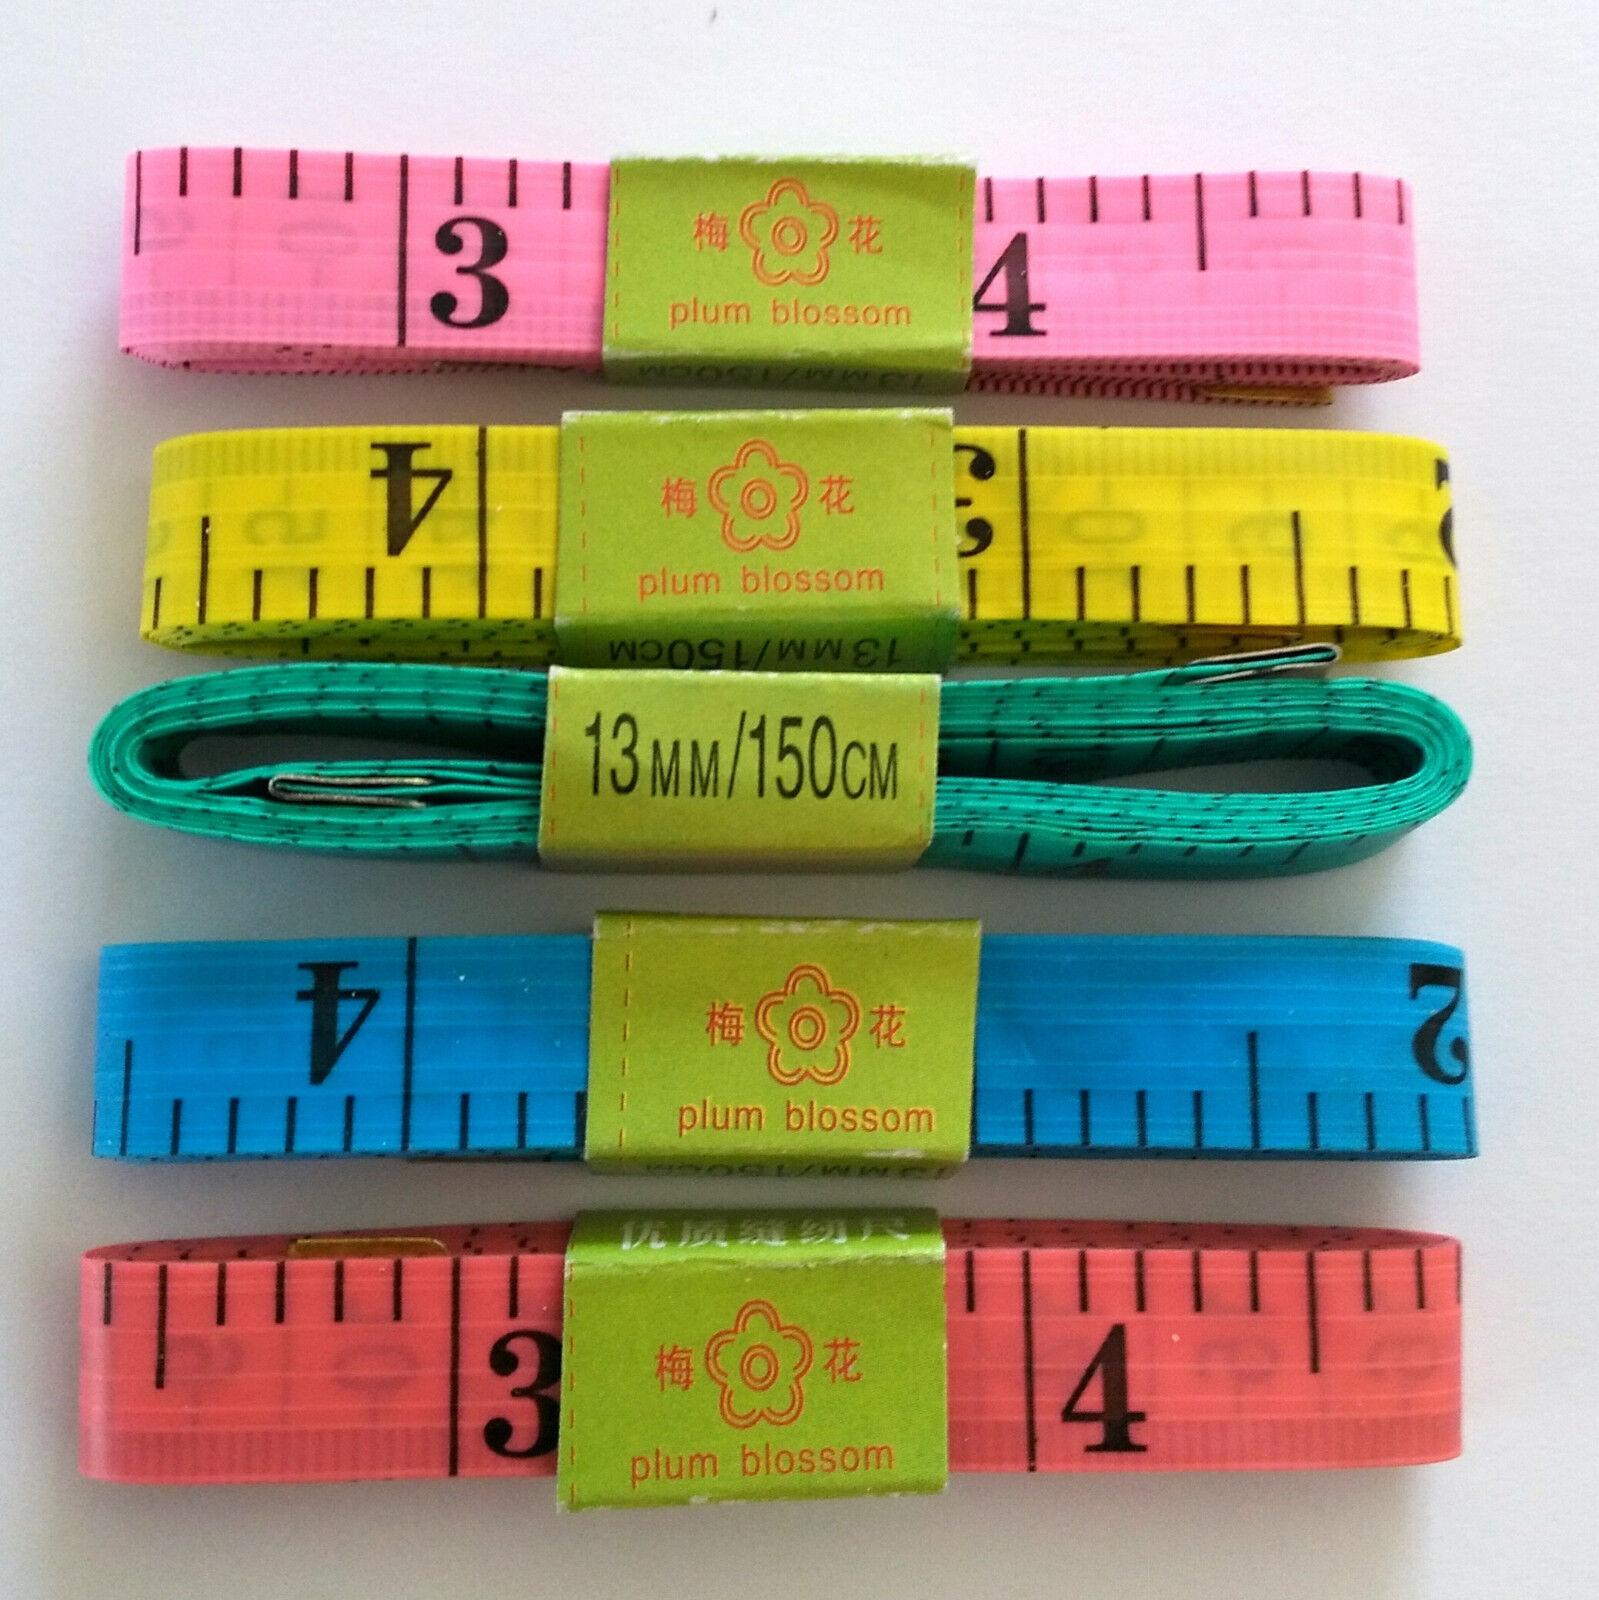 1,5mm ARGENTE perles COSTAUD ! LOT de 4m 4 METRES CHAINES à BILLES BOULES dia